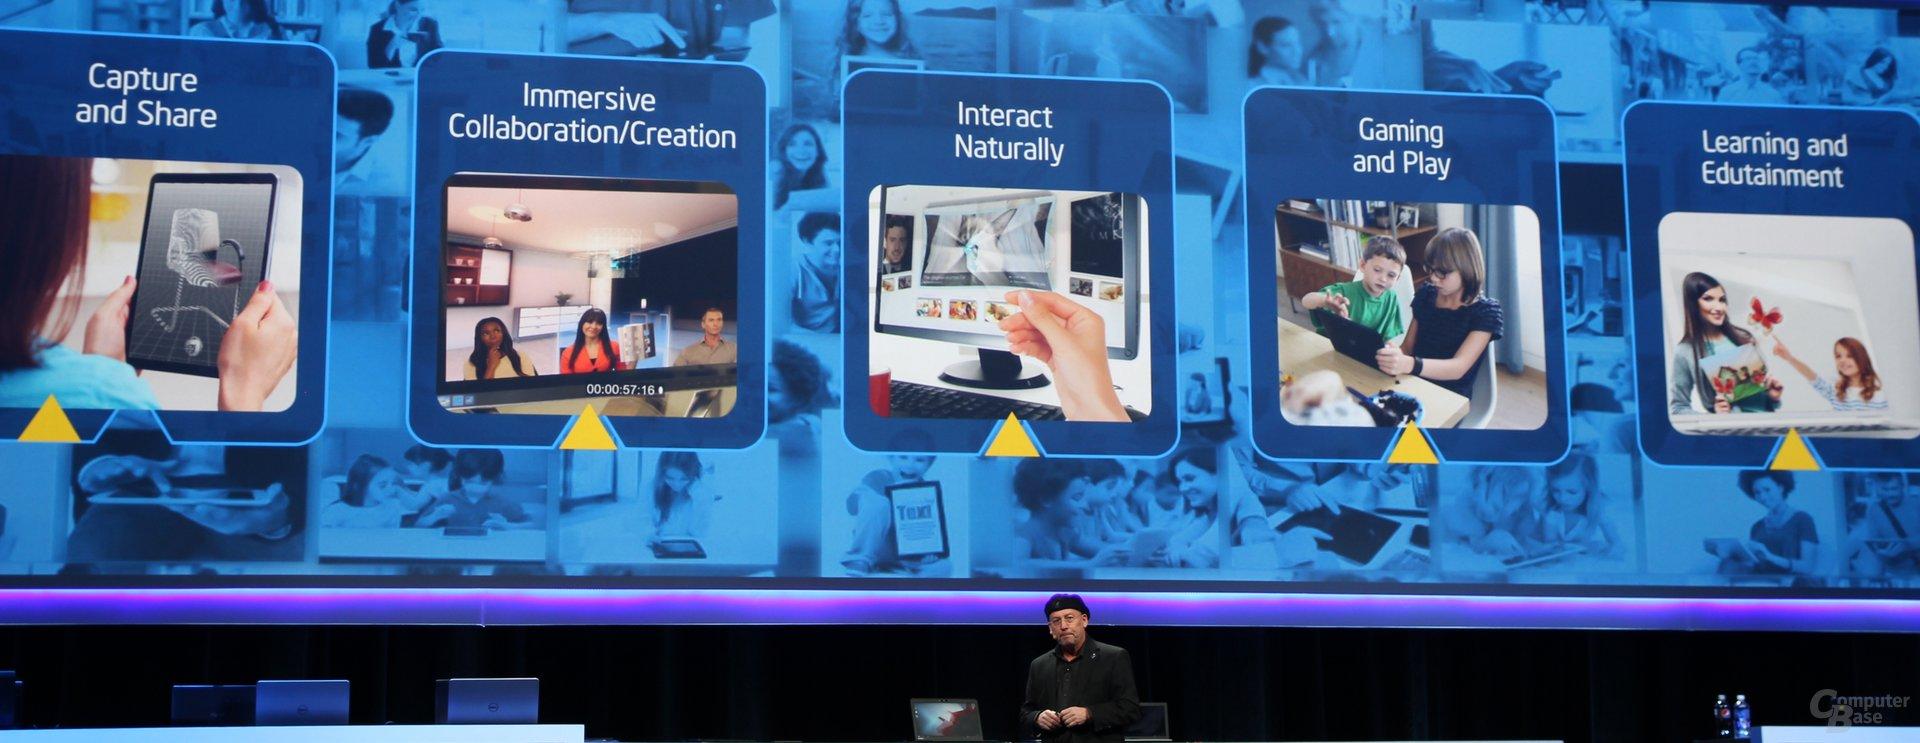 Möglichkeiten durch die Intel RealSense 3D-Kamera